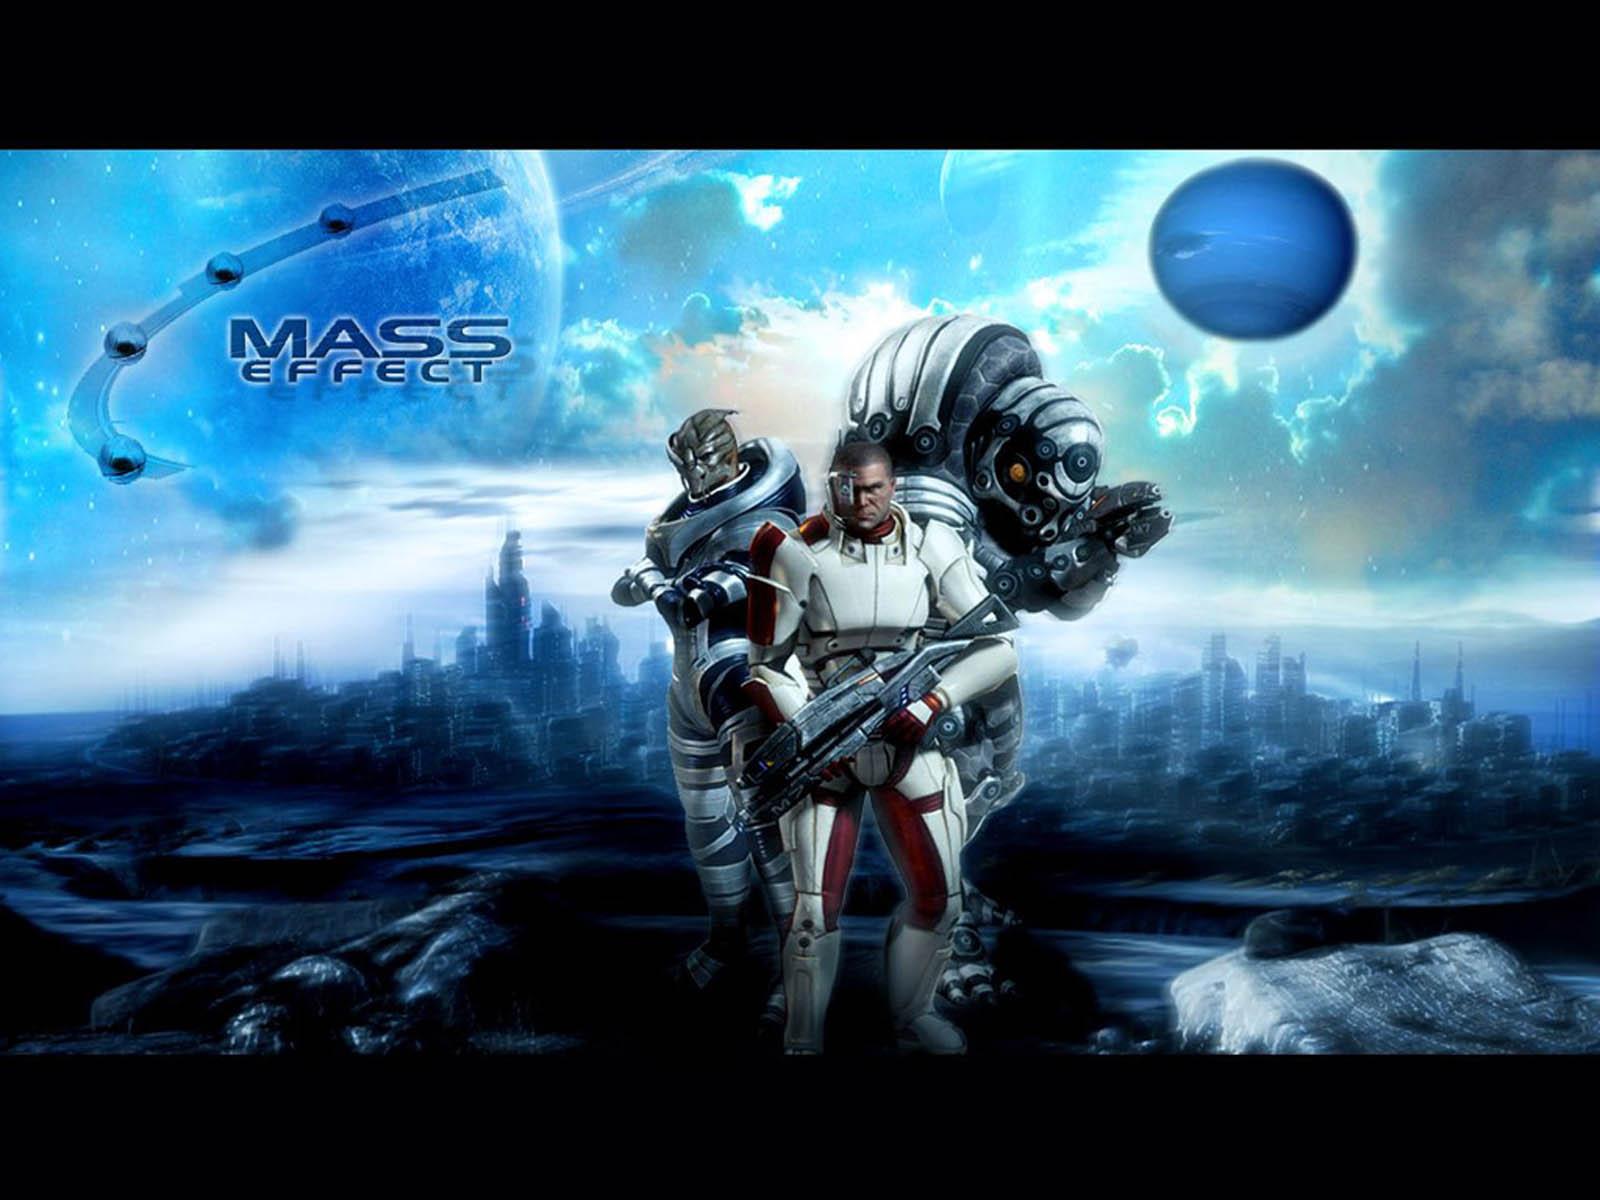 Mass Effect Desktop Backgrounds: Wallpapers: Mass Effect